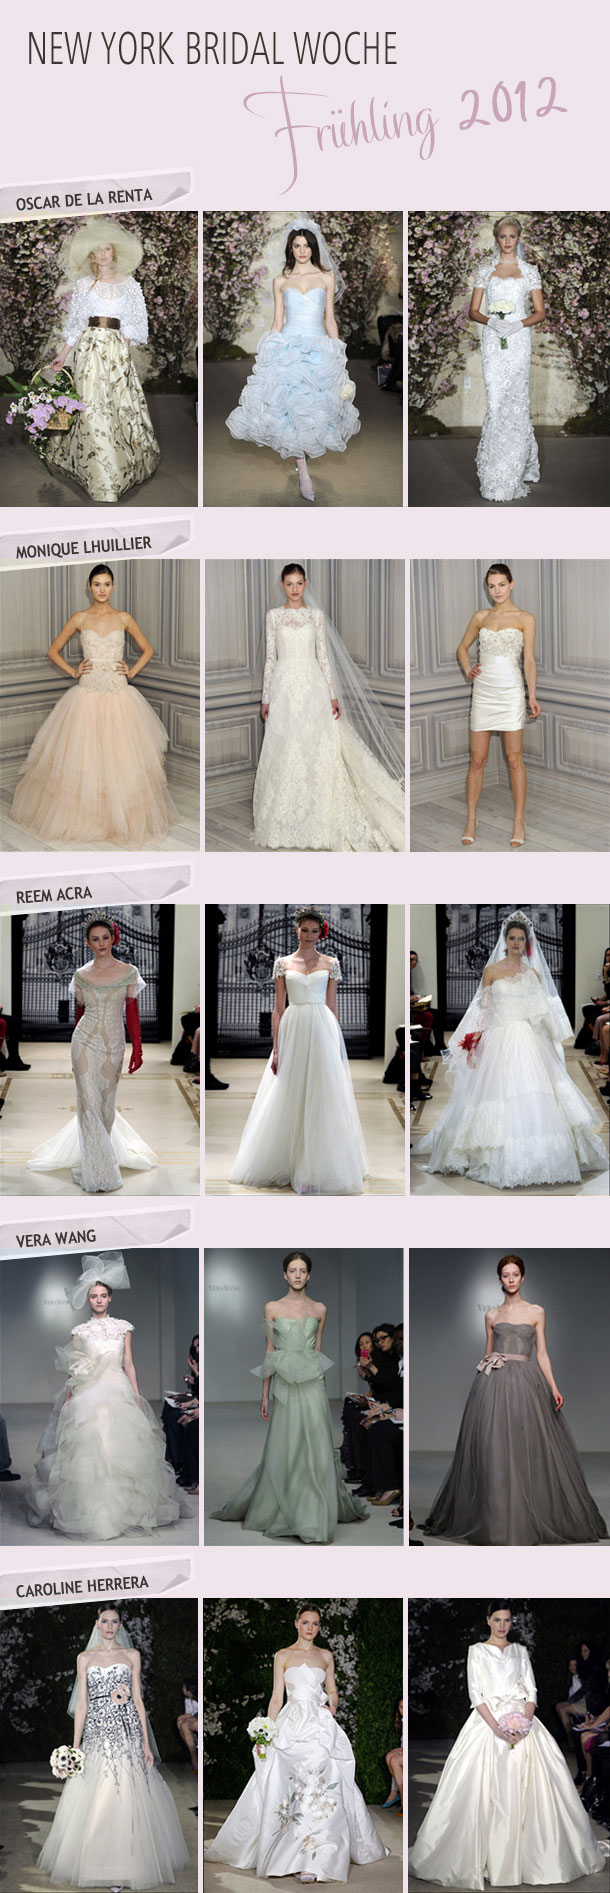 New York Bridal Woche Spring 2012